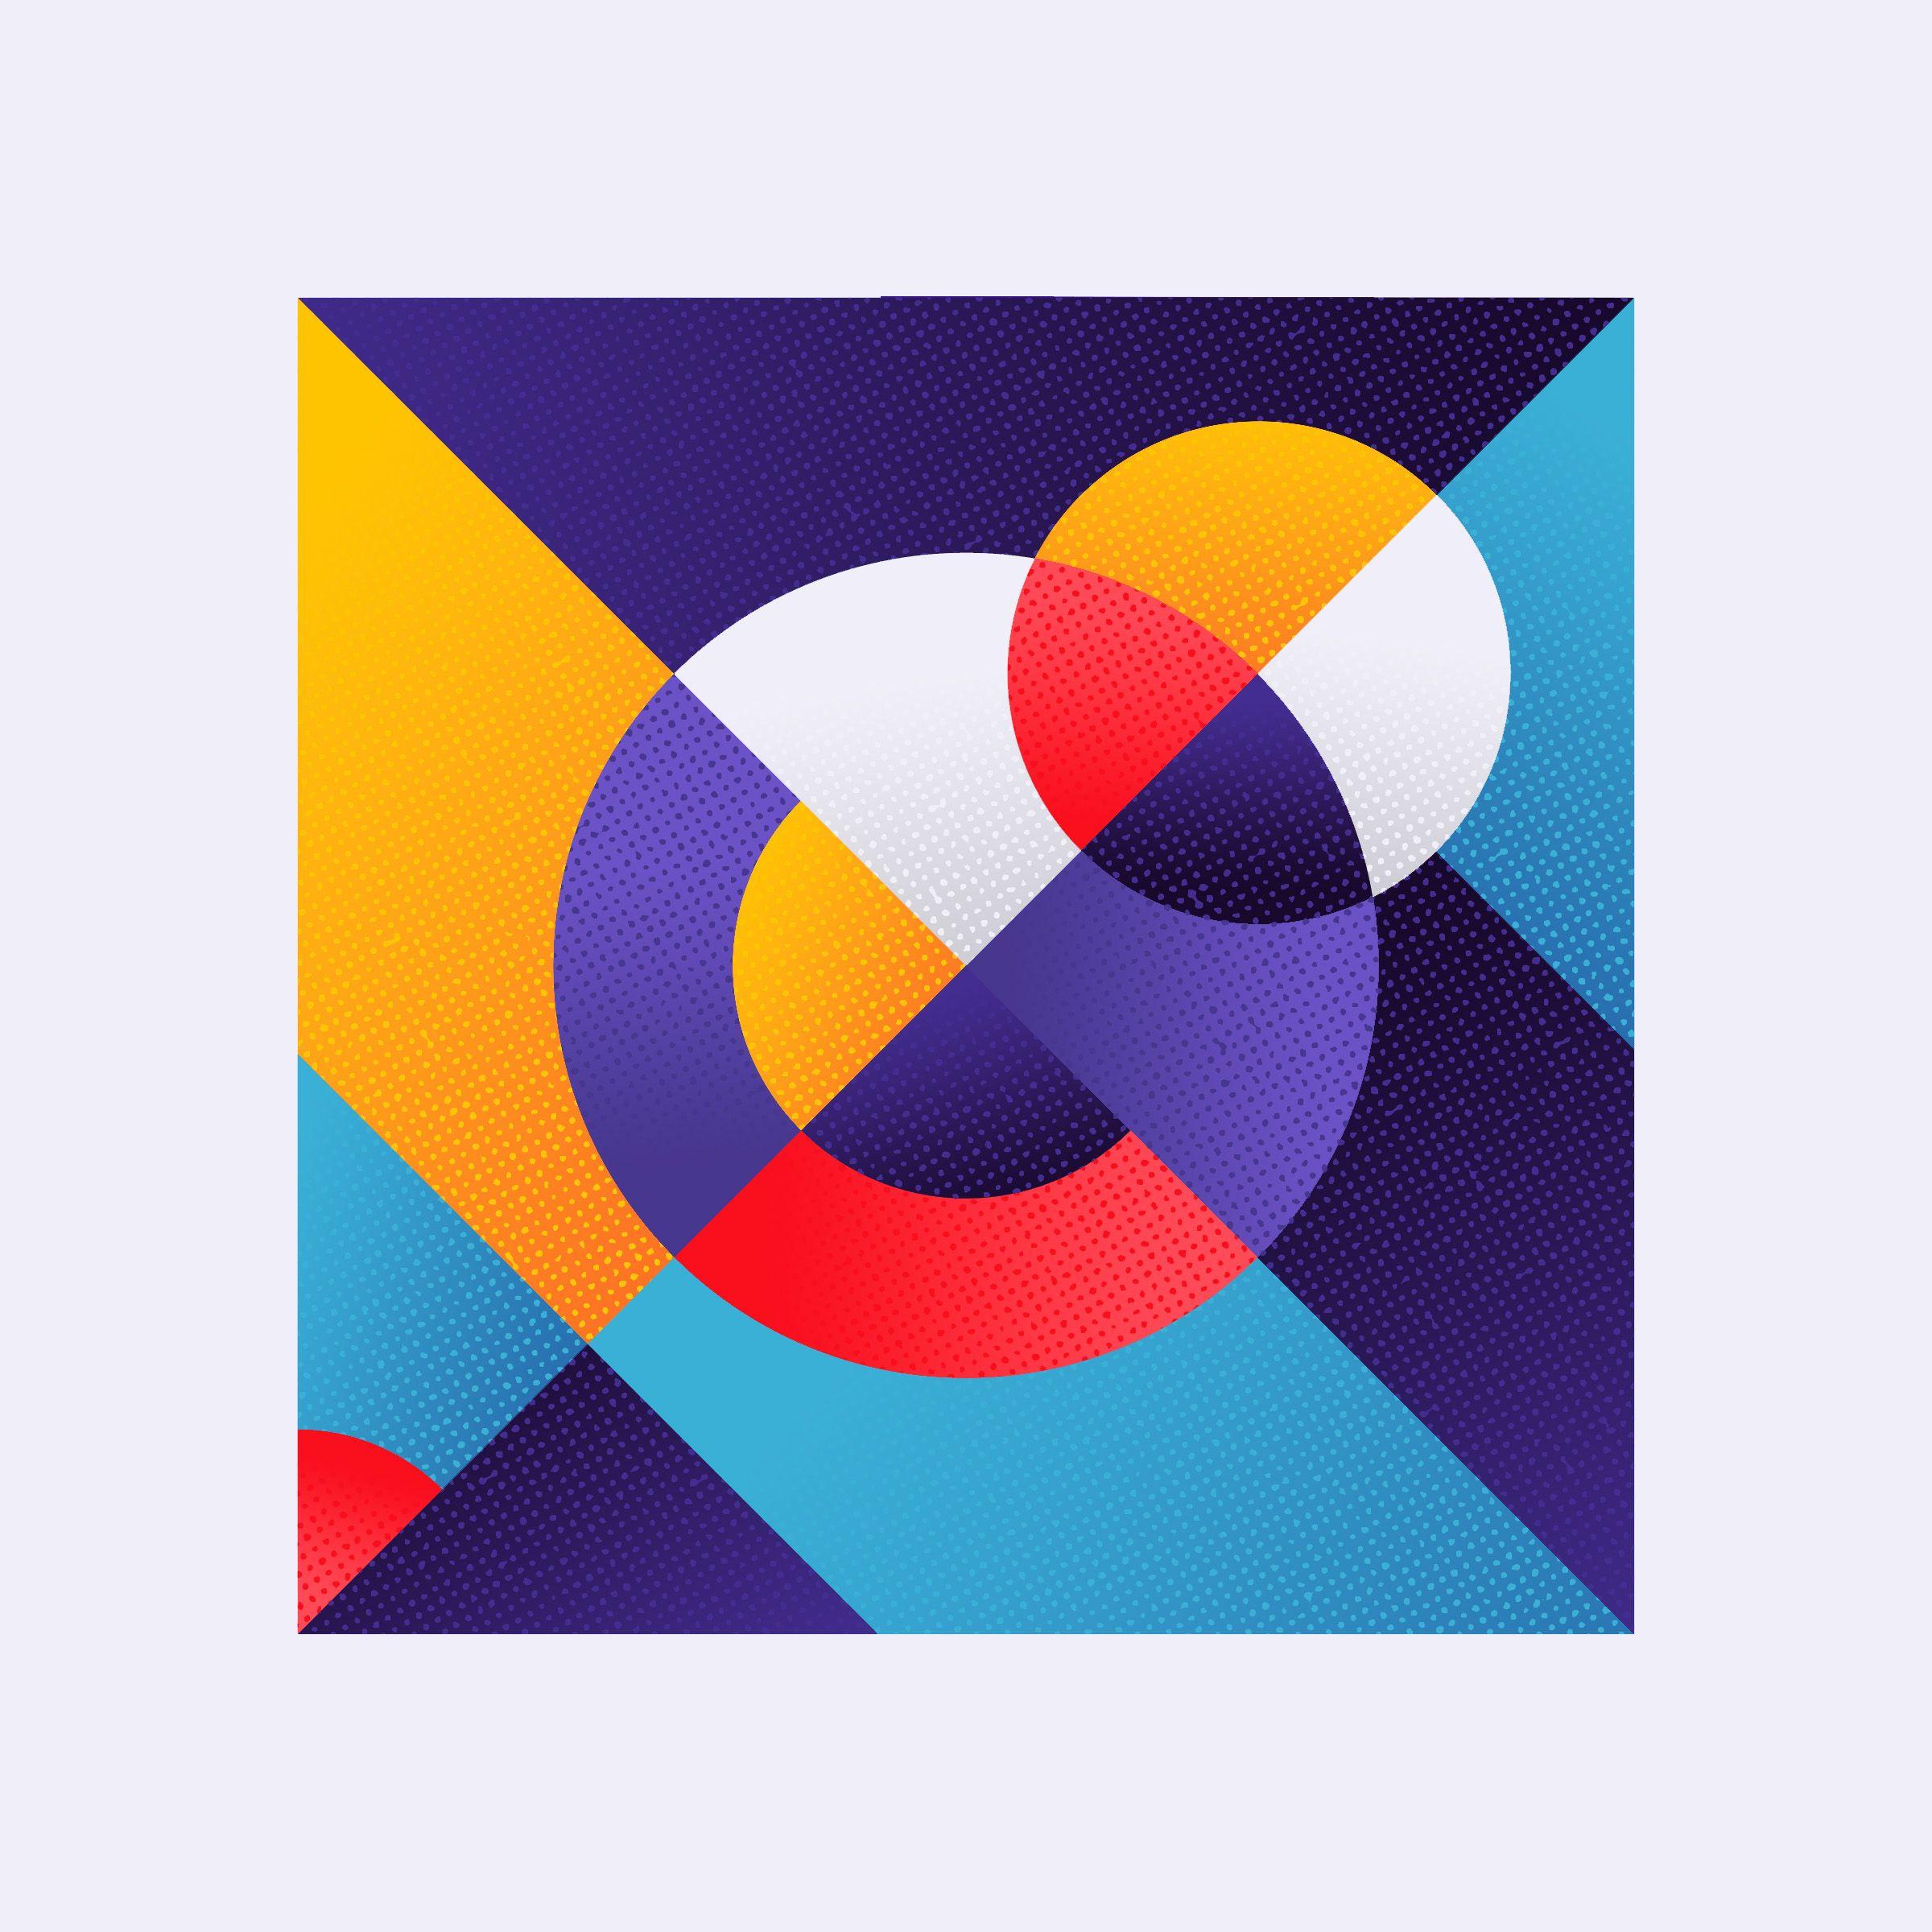 Kleurstaal On Behance In 2019 Geometric Shapes Art